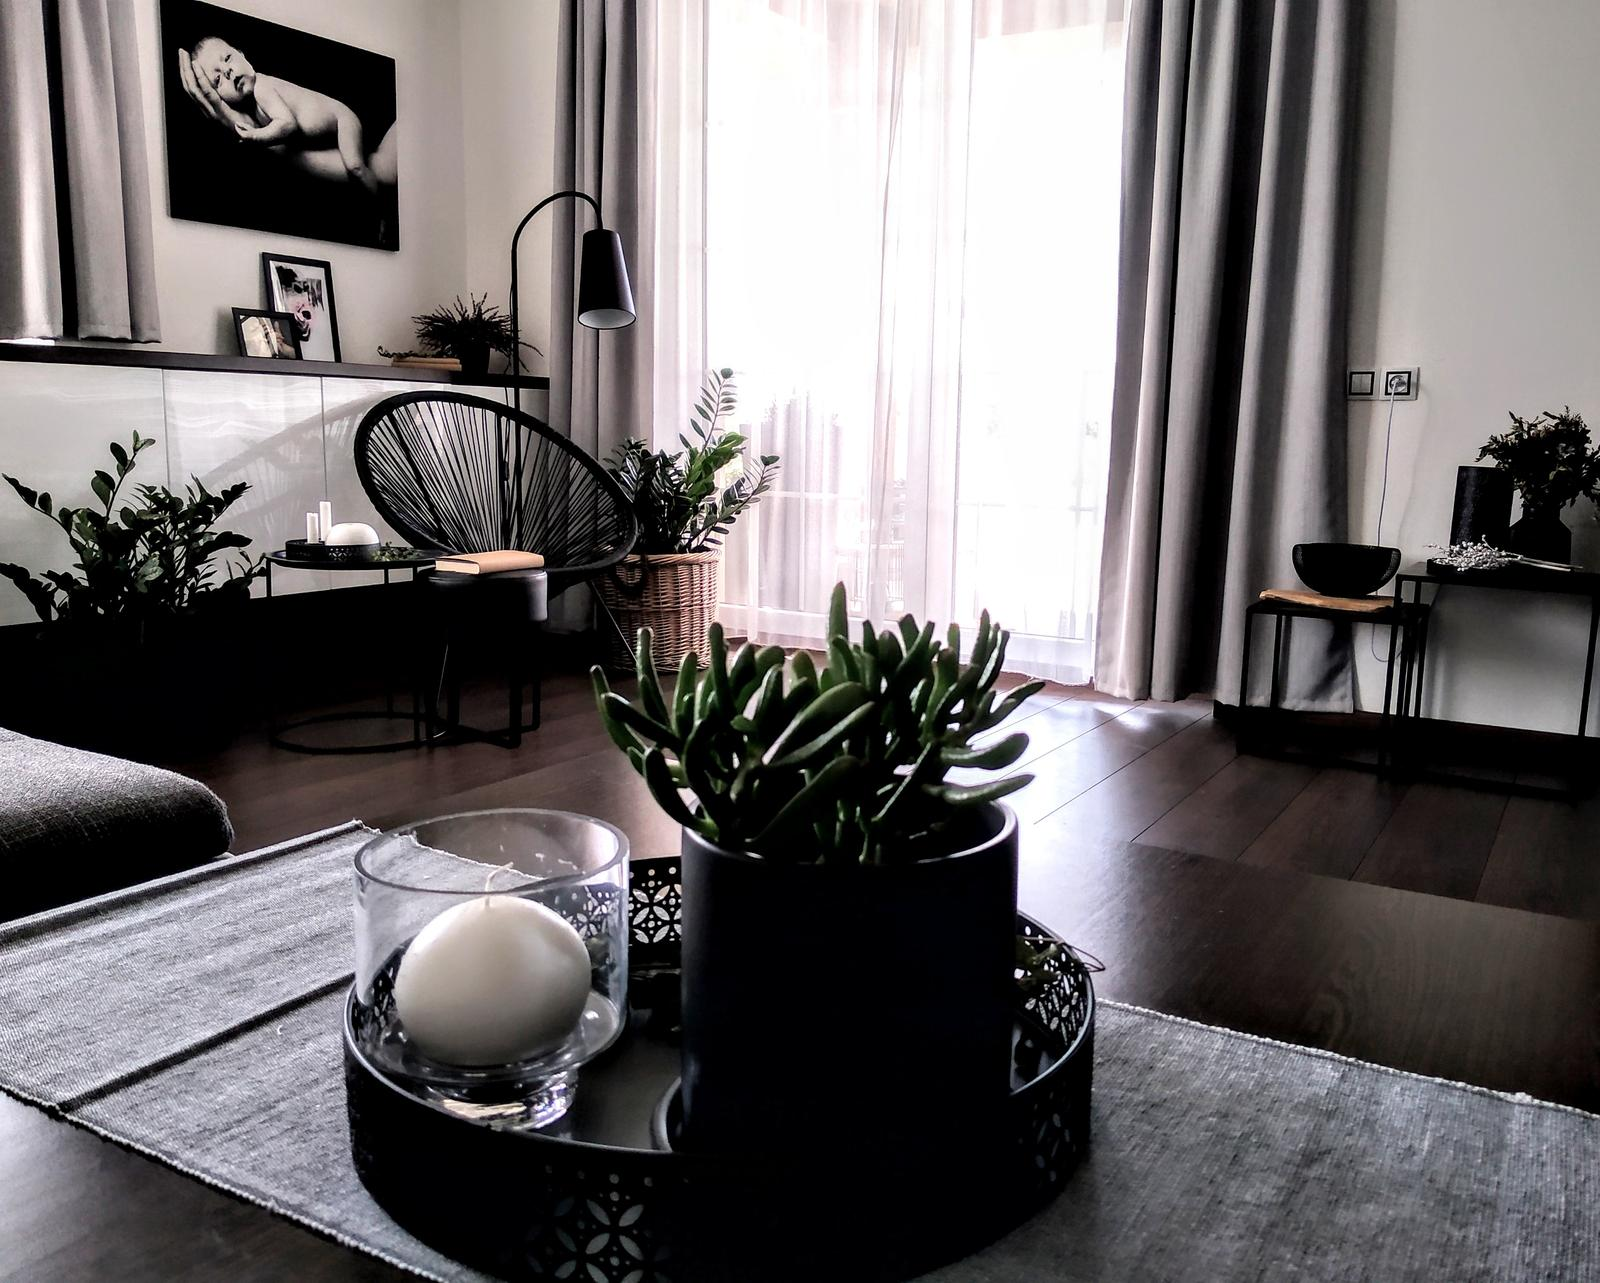 Náš obývací pokoj - Obrázek č. 1